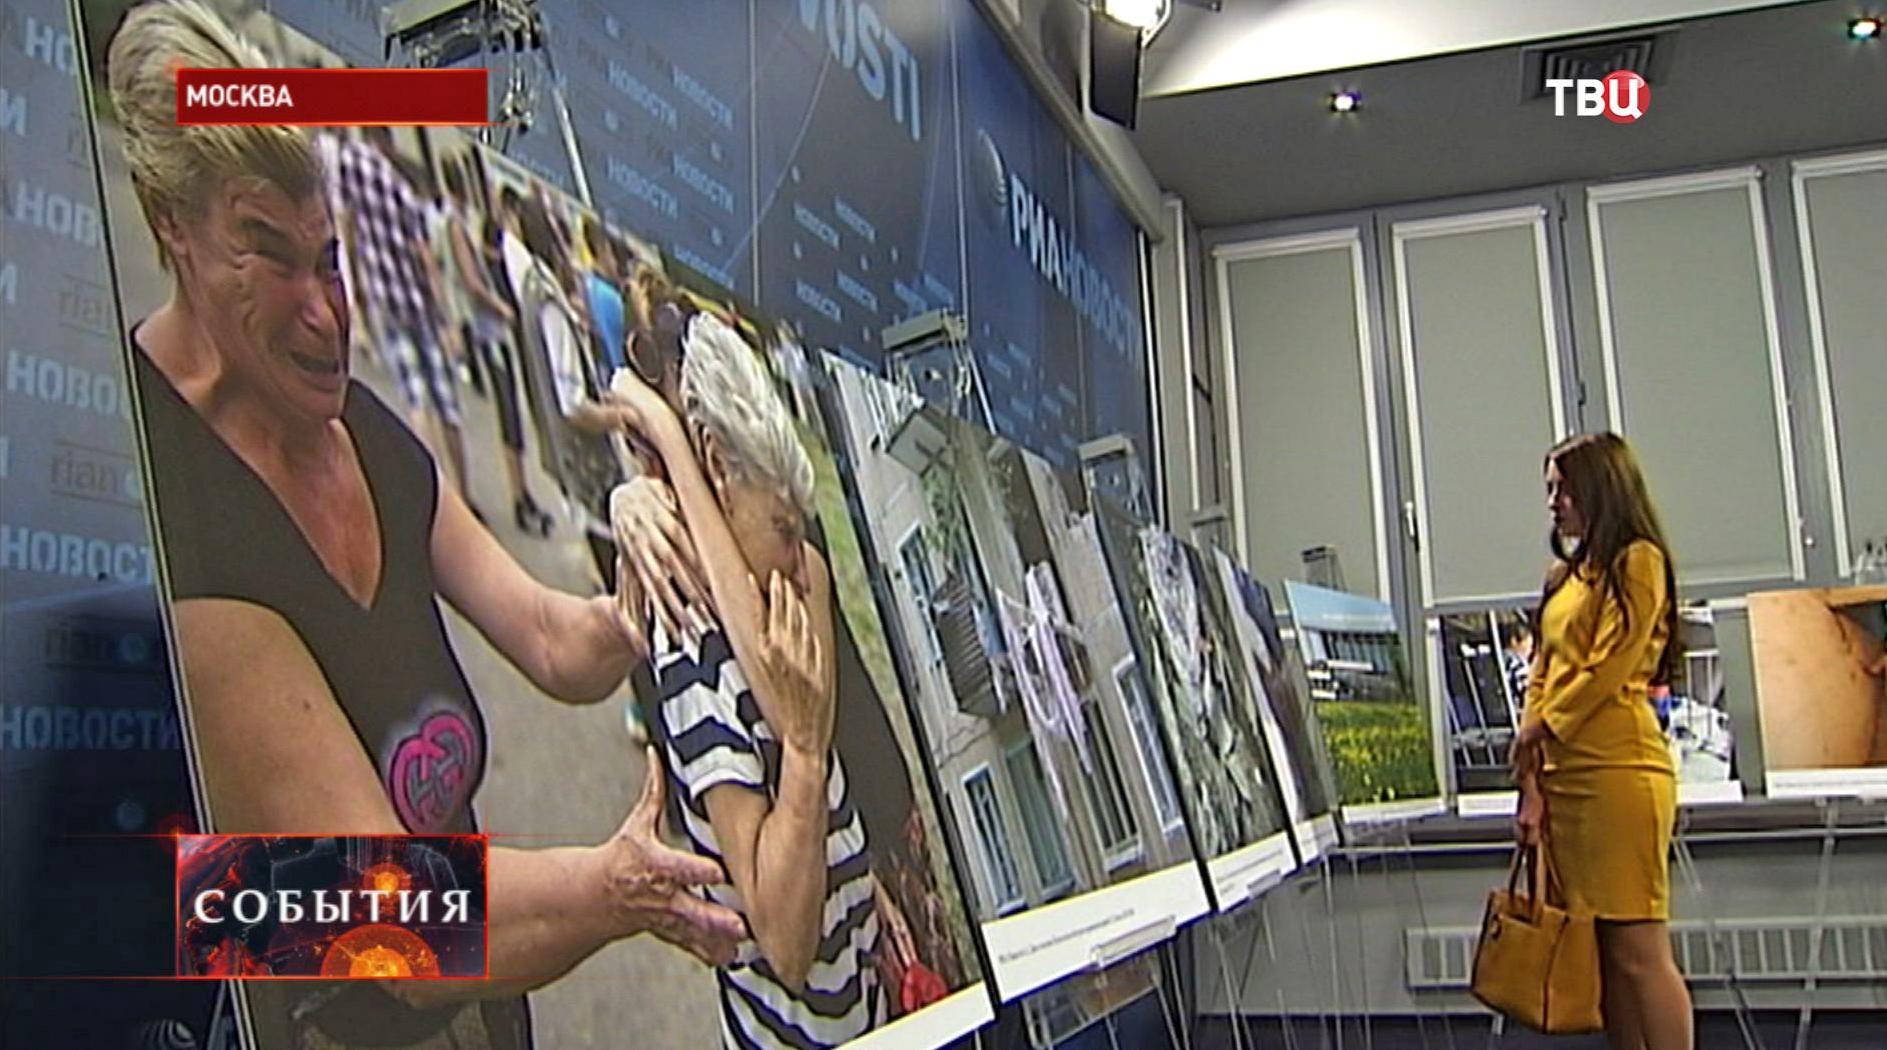 Фотовыставка о гуманитарной катастрофе в Донбассе